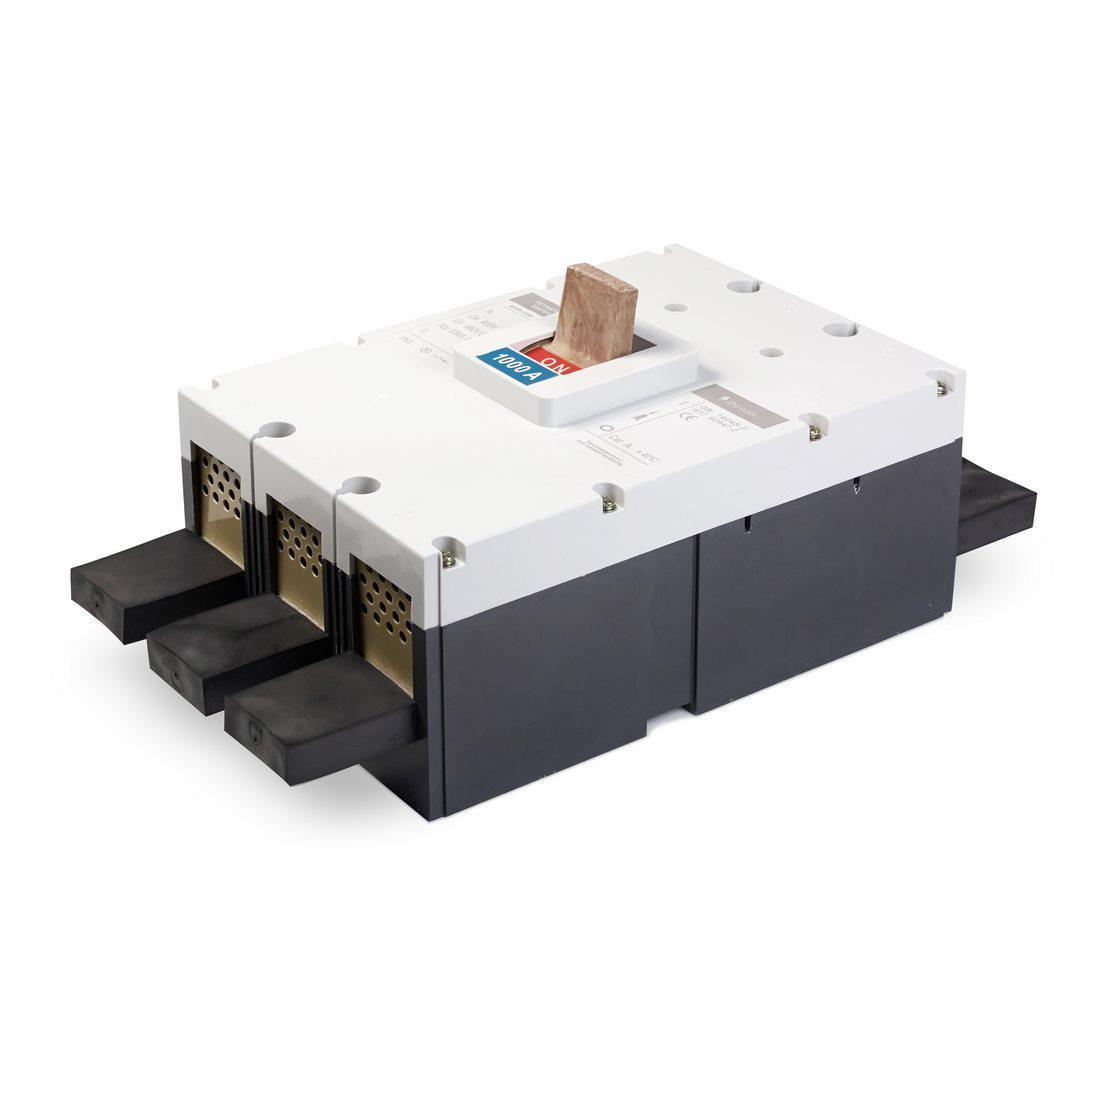 Автоматический выключатель установочный iPower ВА59-1250 3P 1000А, 380/660 В, Кол-во полюсов: 3, Предел отключ